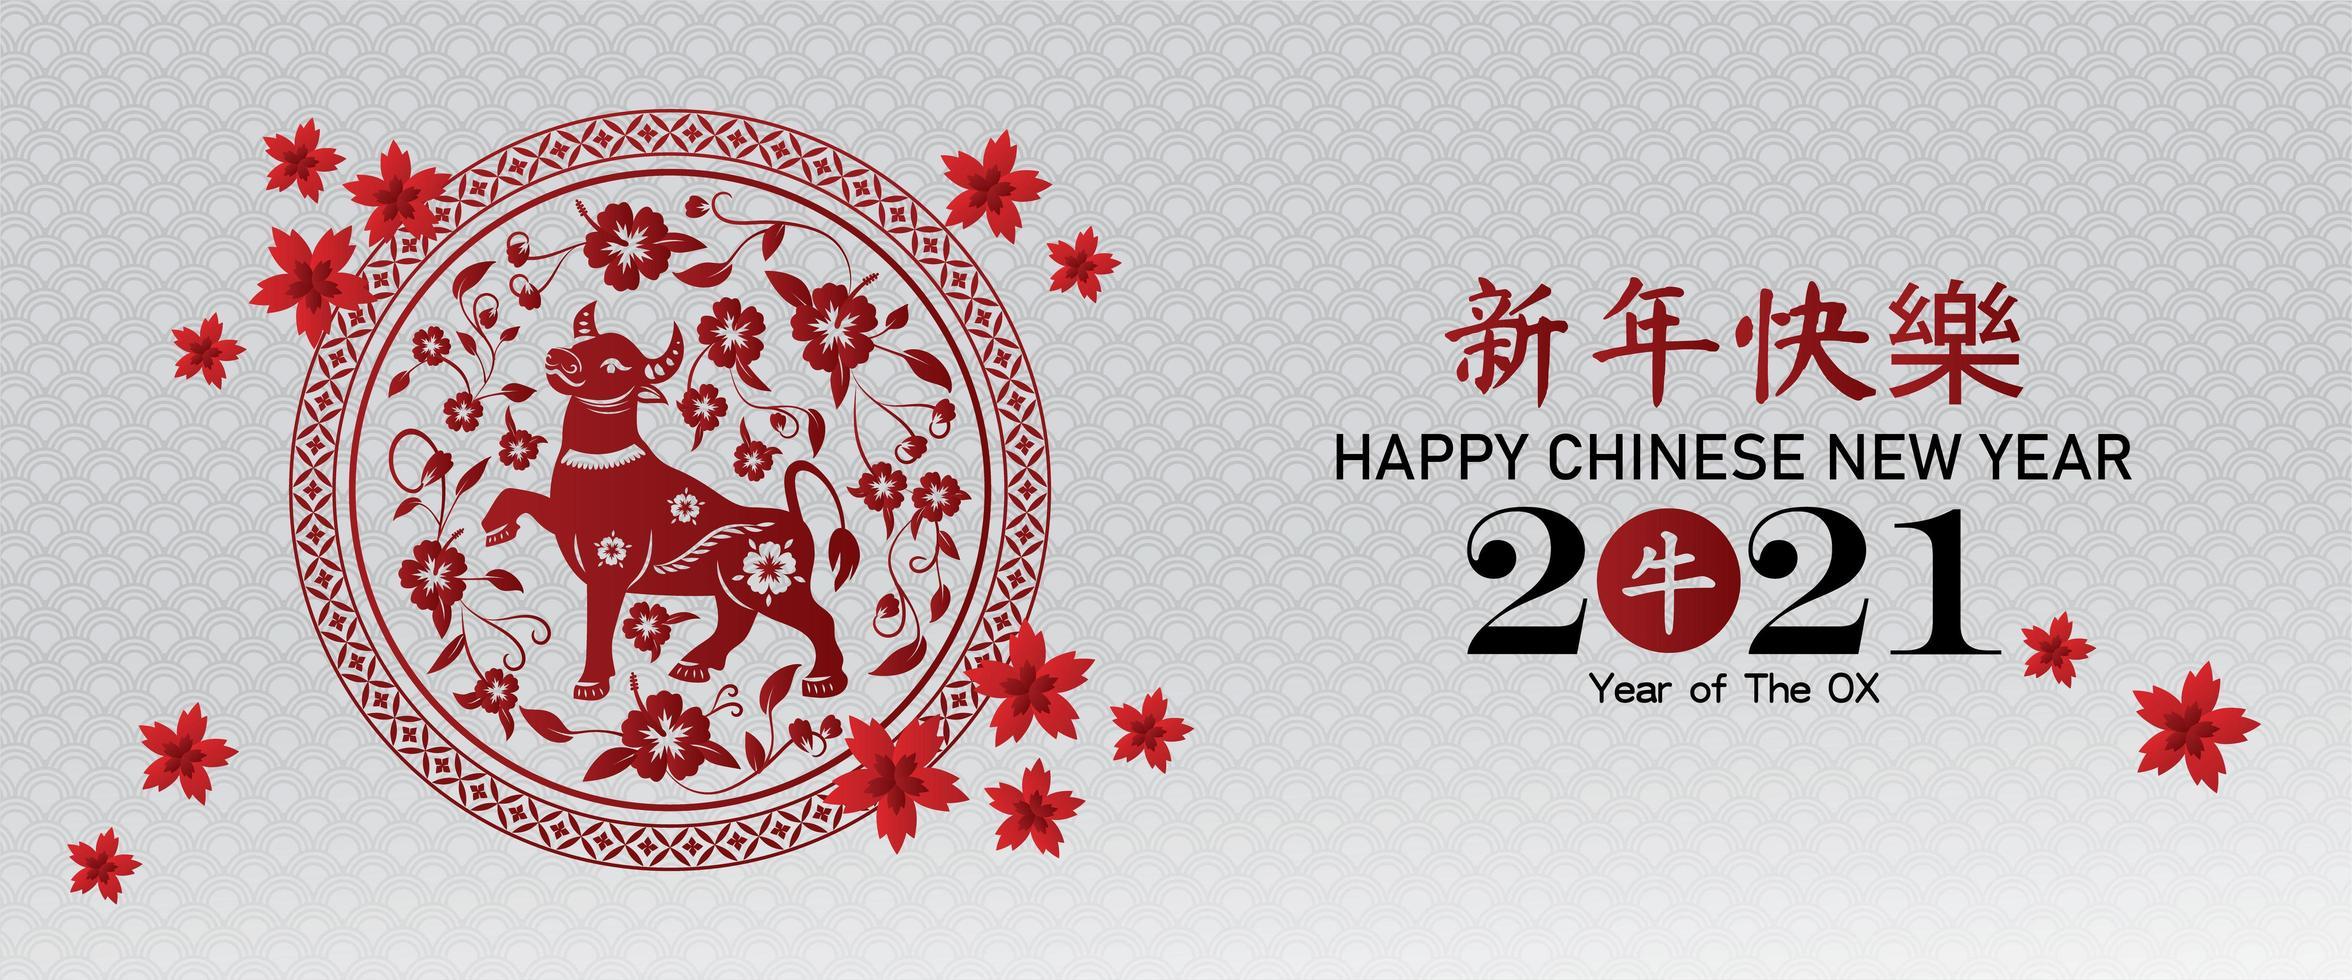 año nuevo chino 2021 año del diseño del buey vector